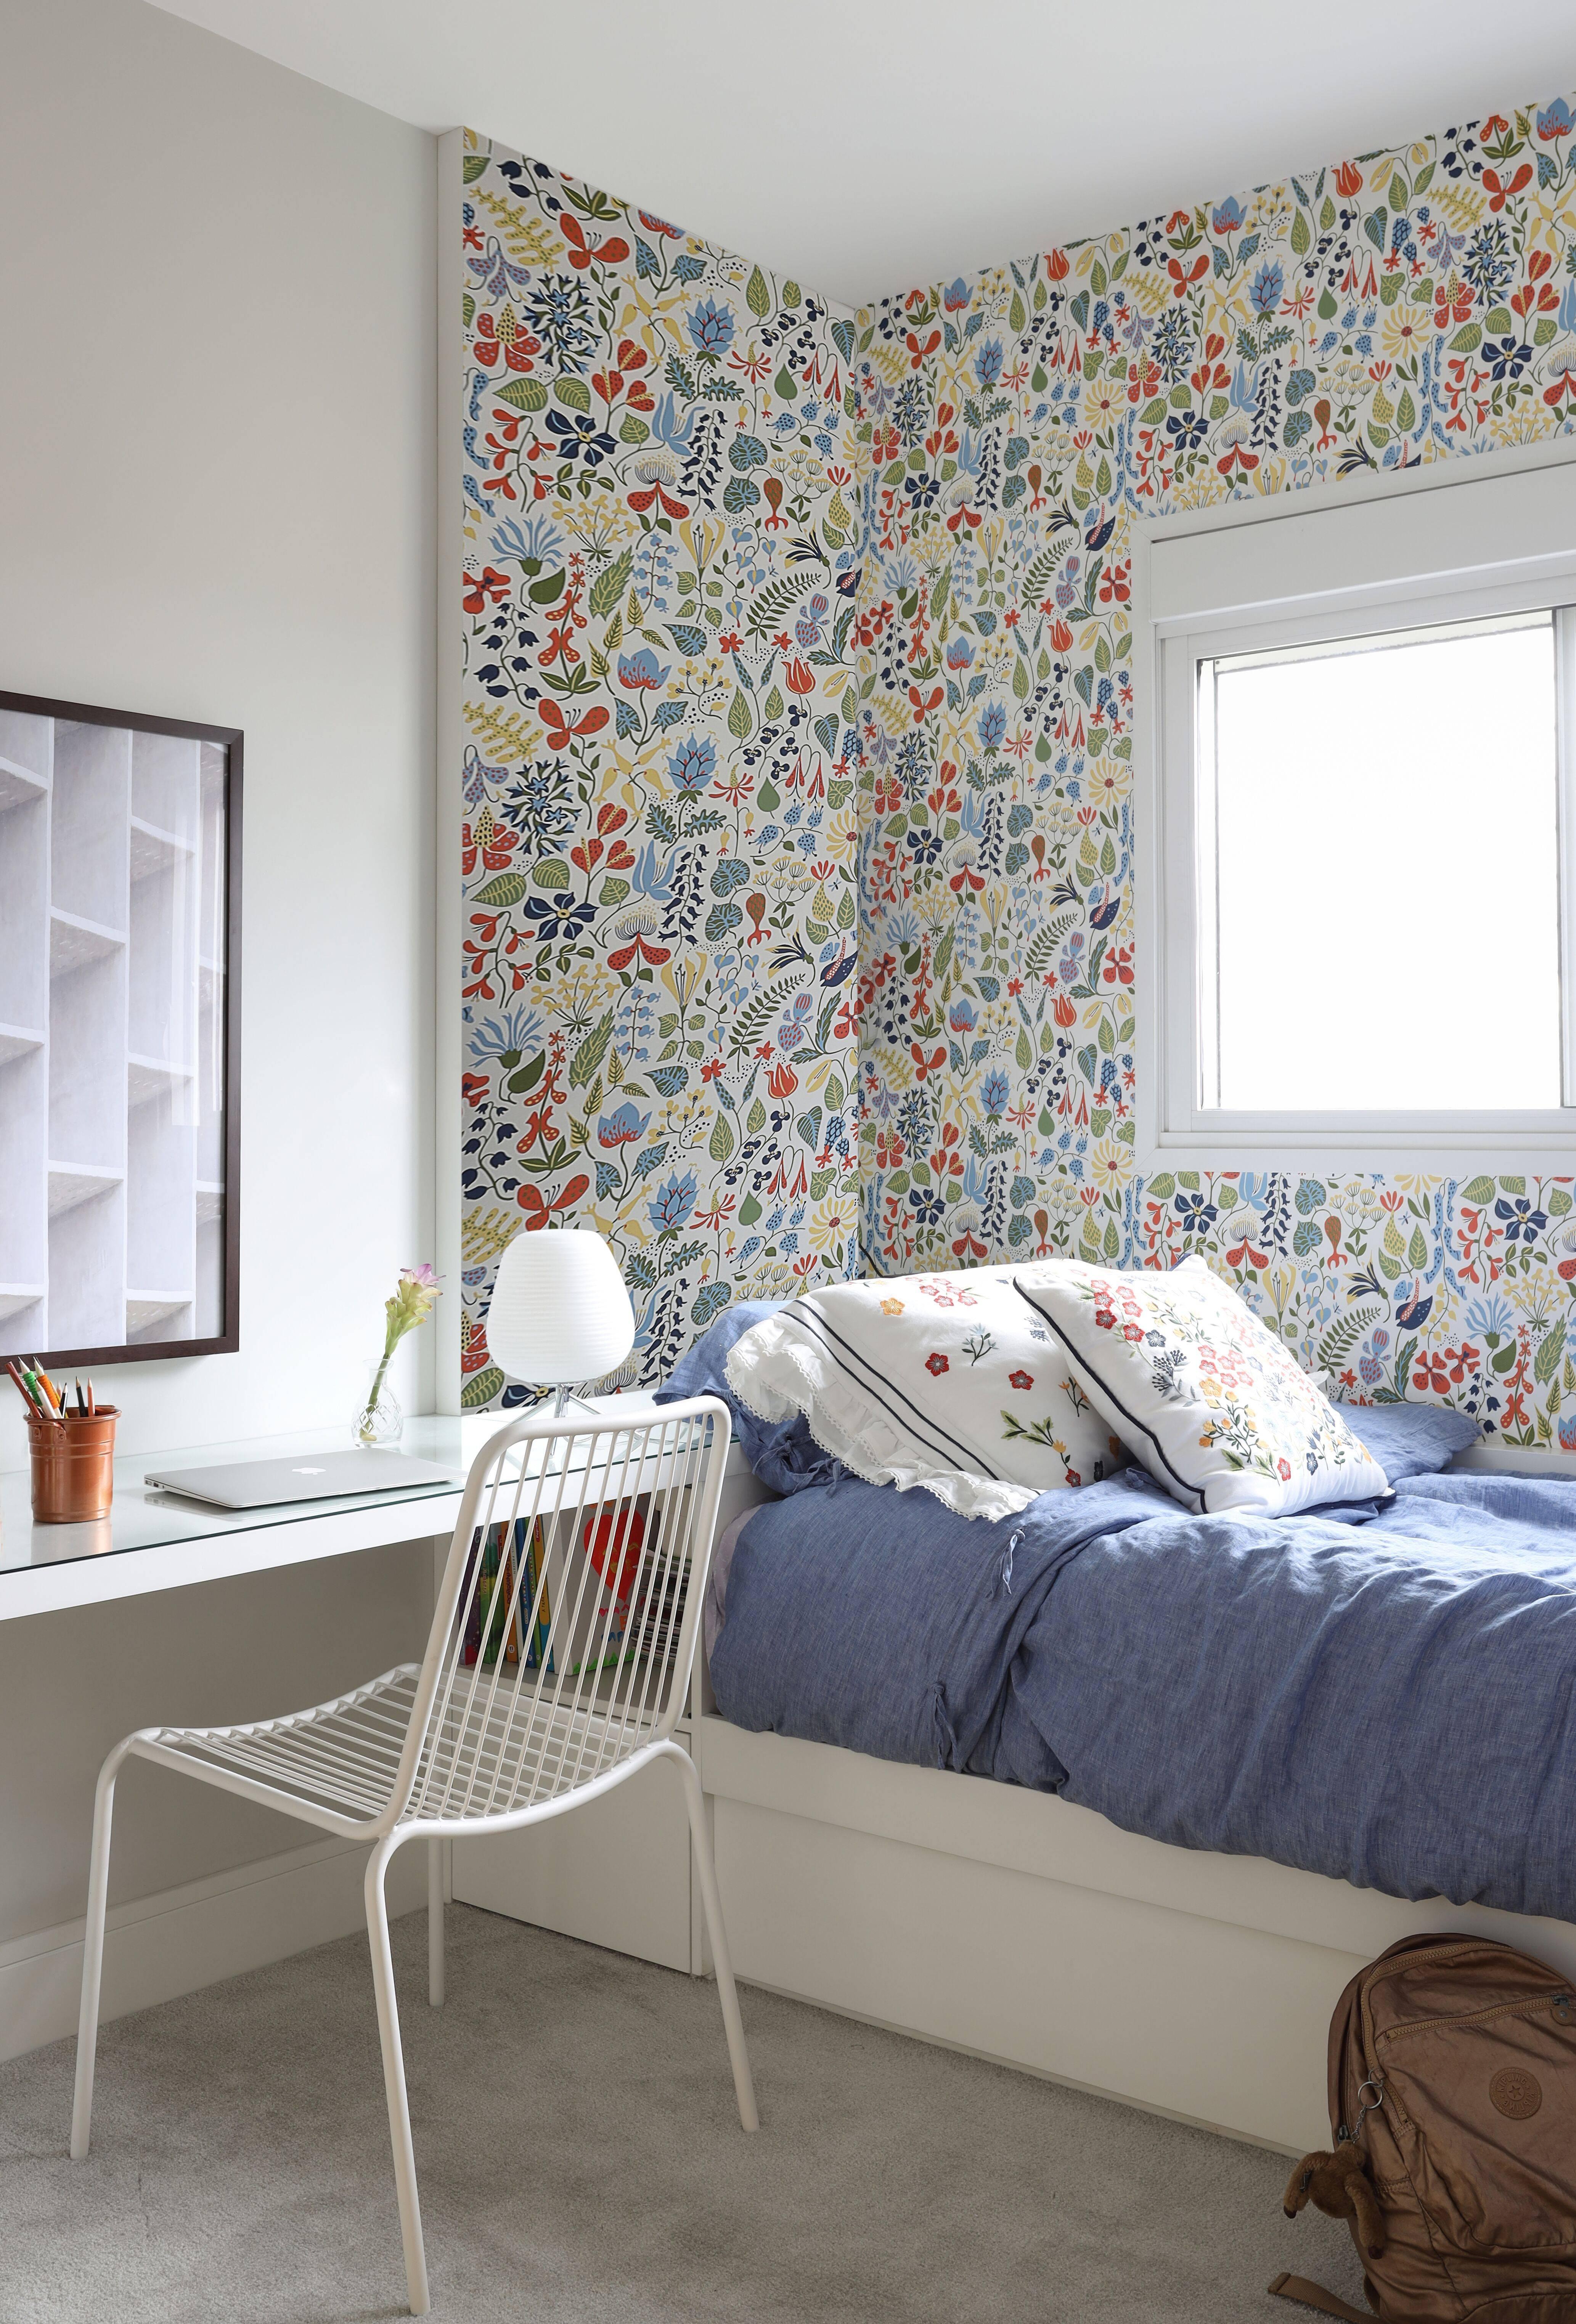 No quarto de uma das crianças, o floral escandinavo com pegada maximalista torna o espaço mais lúdico e divertido.